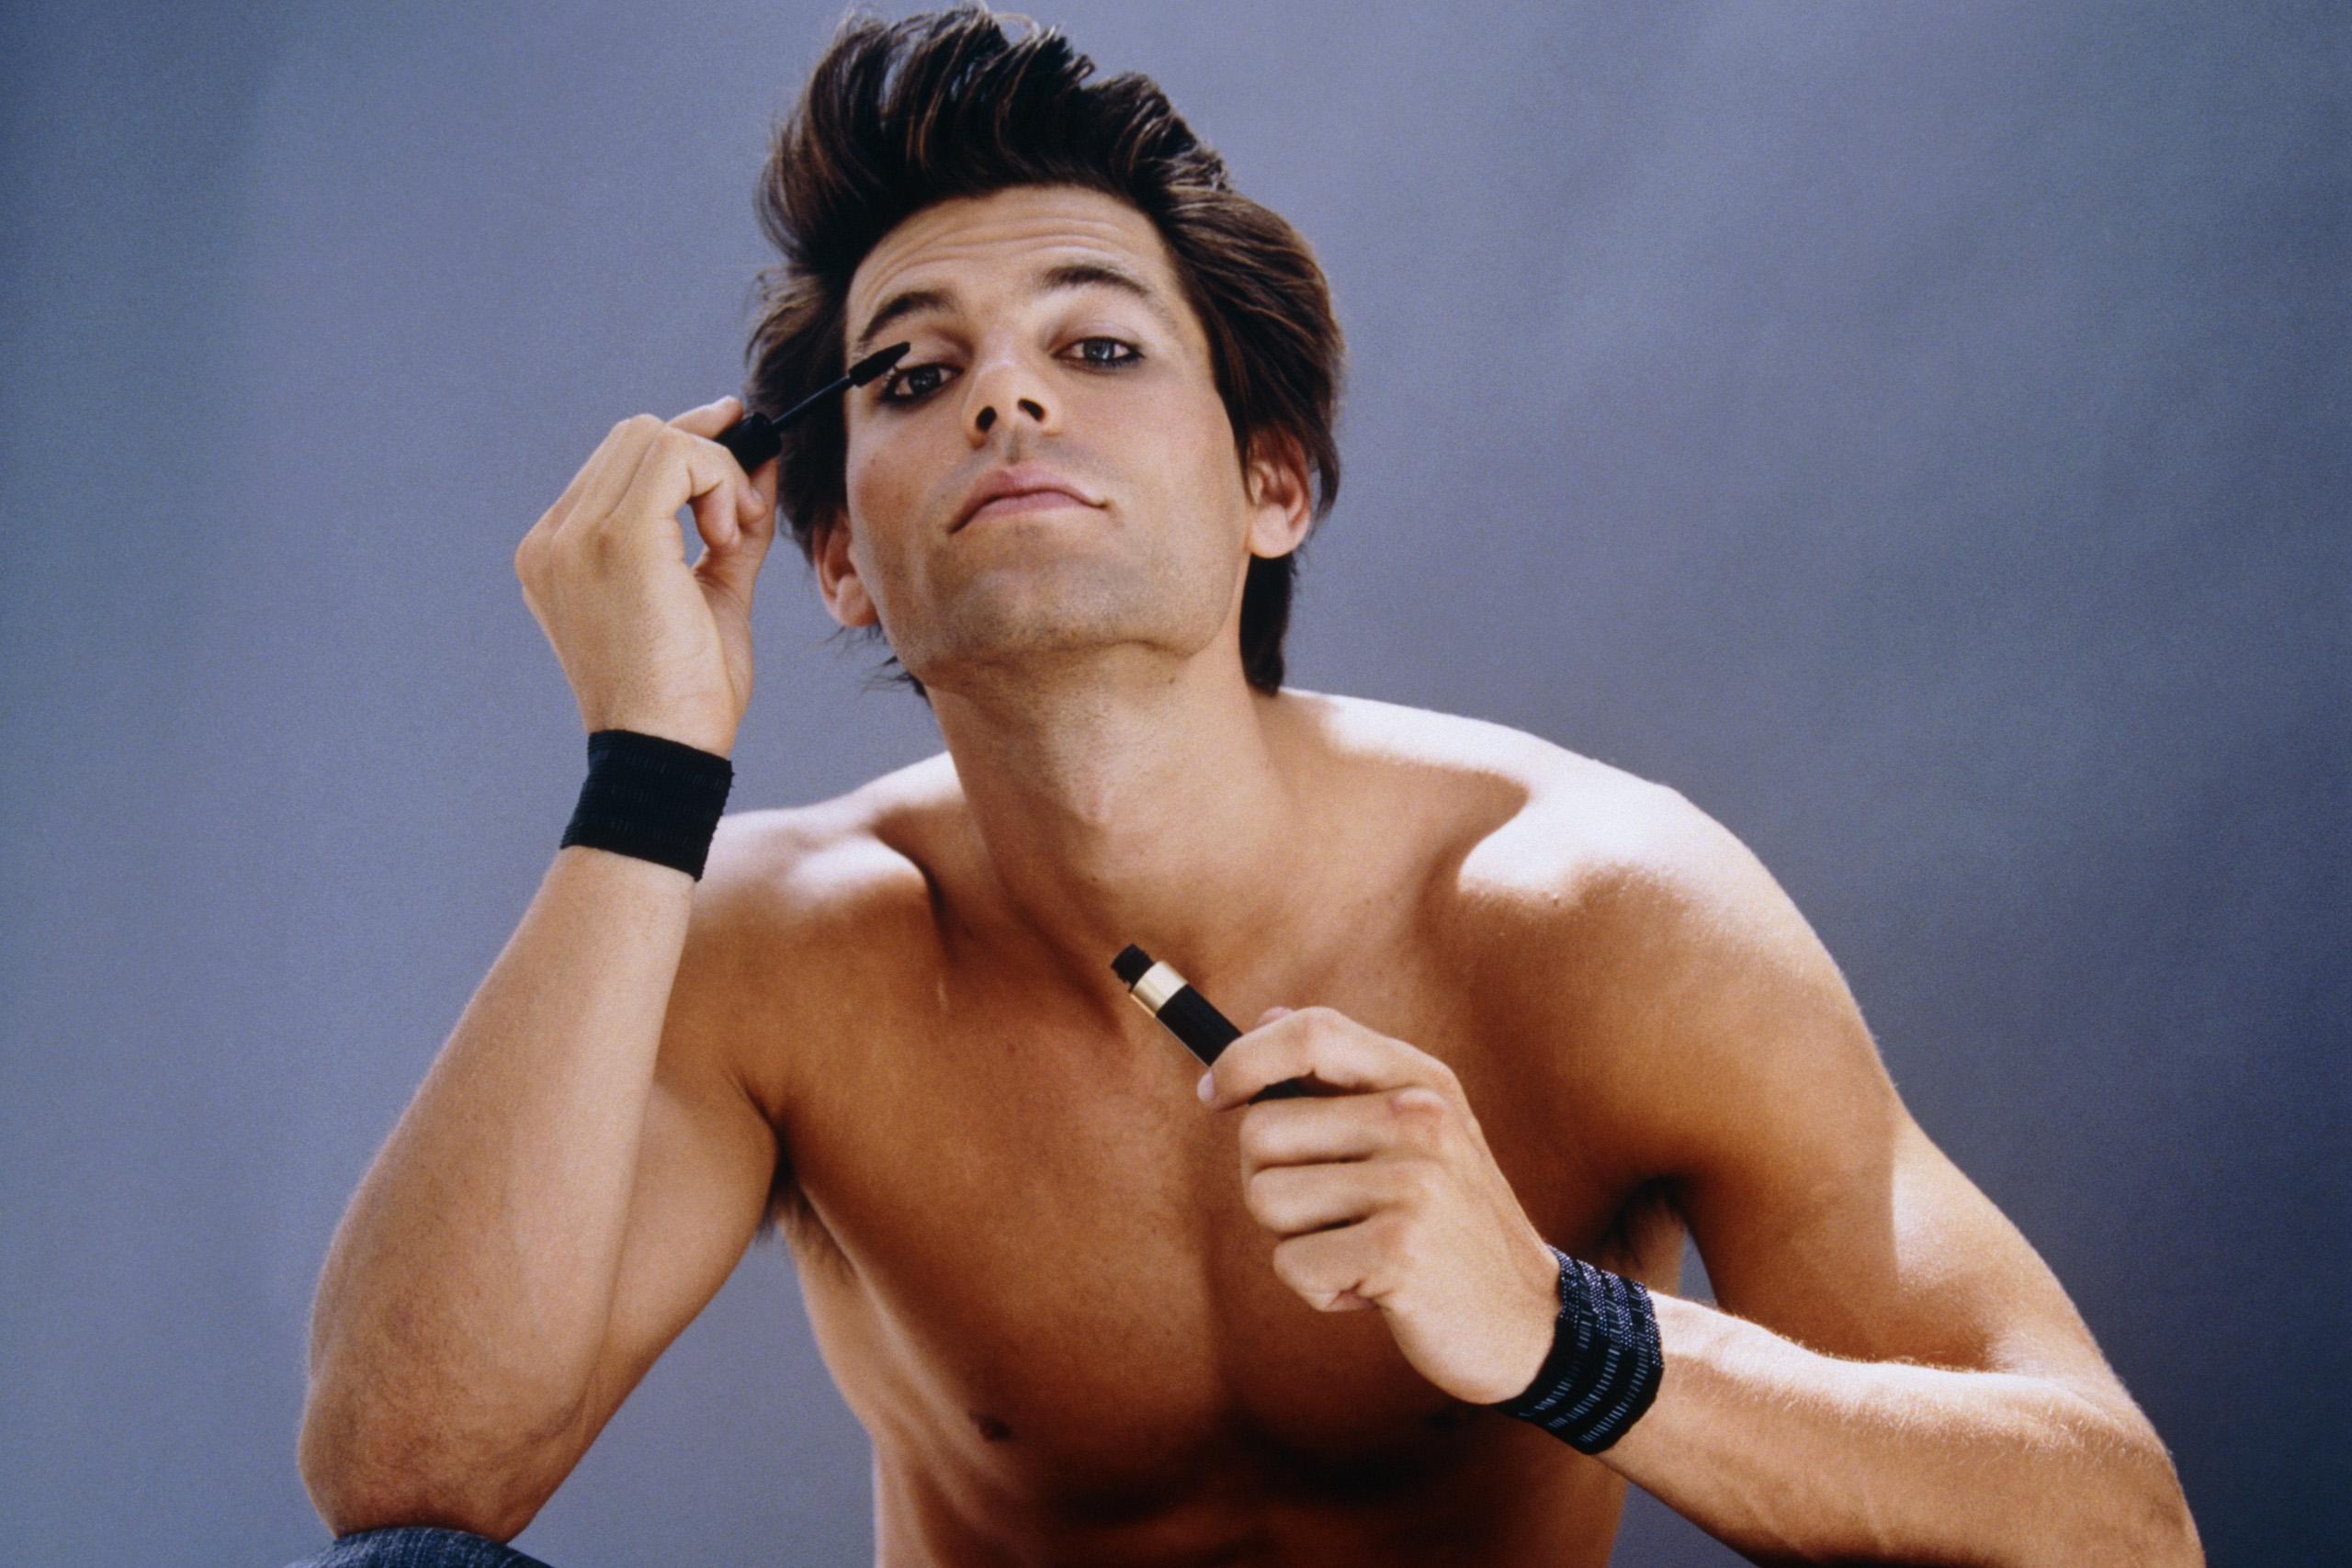 ASOS Artık Erkekler İçin Makyaj Malzemeleri Satıyor!